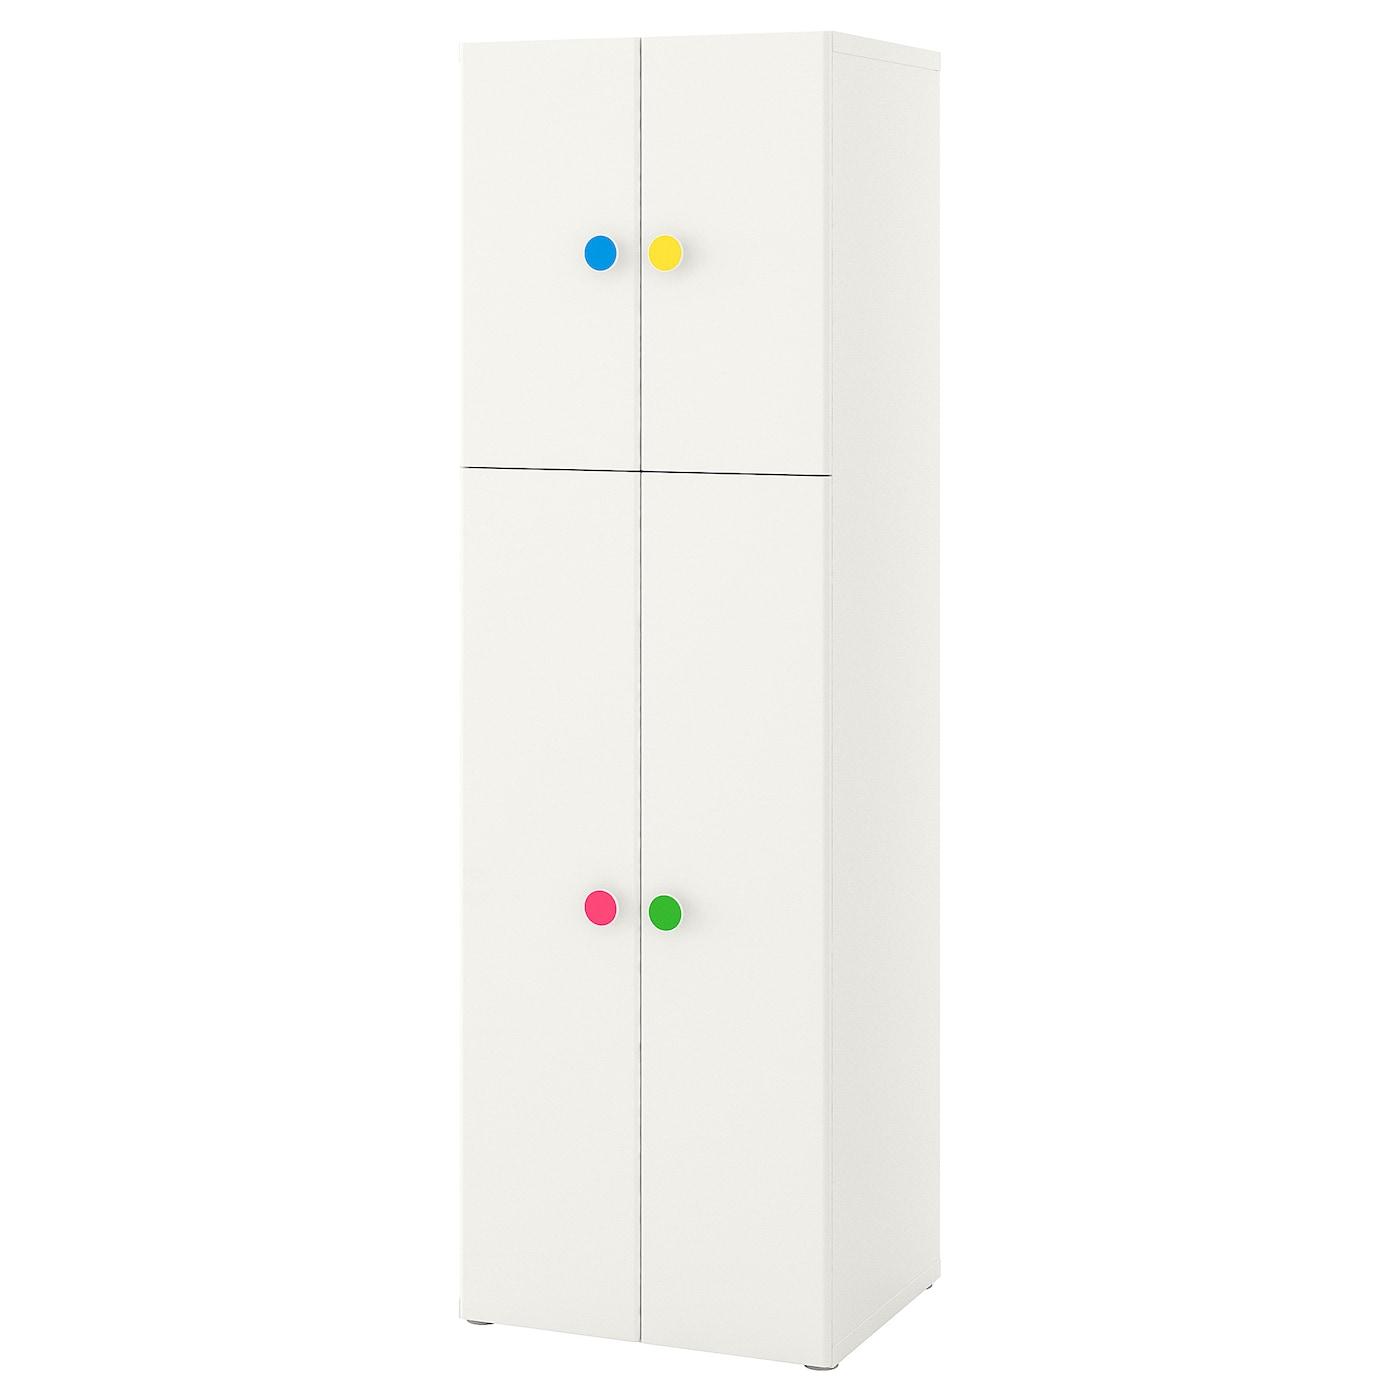 IKEA STUVA biała szafa z czterema drzwiami FÖLJA, 60x50x192 cm